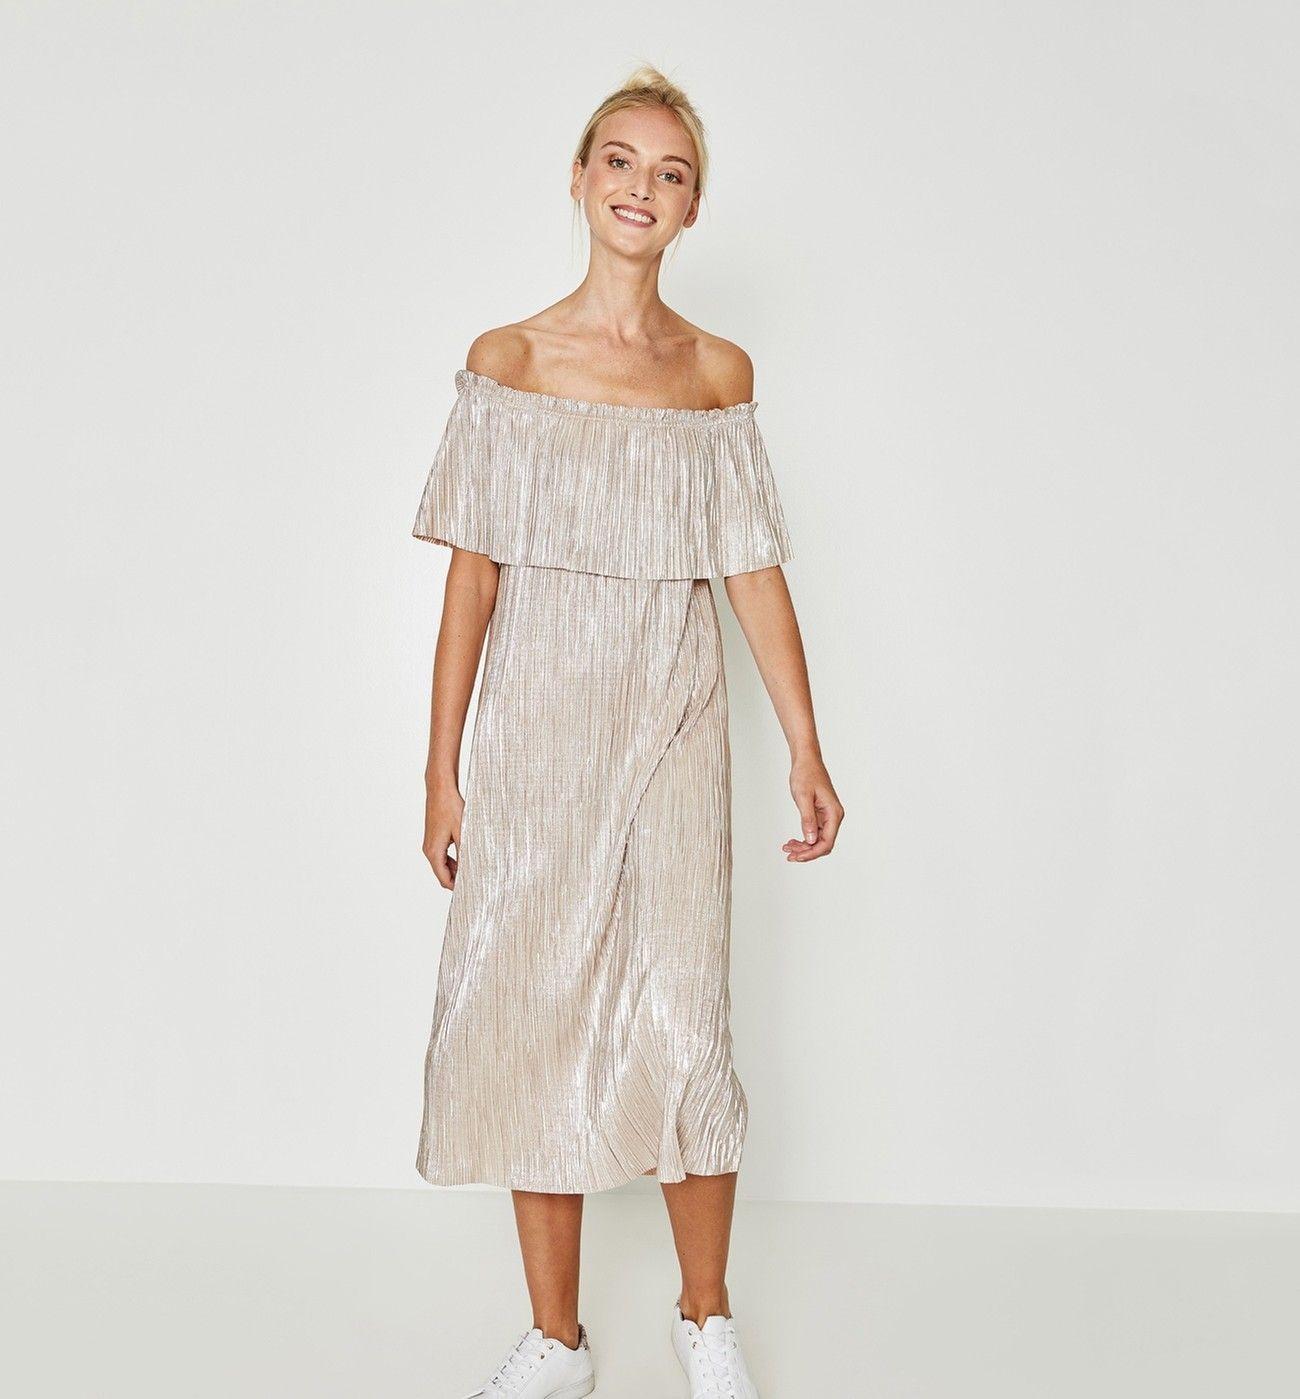 Niedlich Prom Kleider Unter 100 Dollar Ideen - Hochzeit Kleid Stile ...